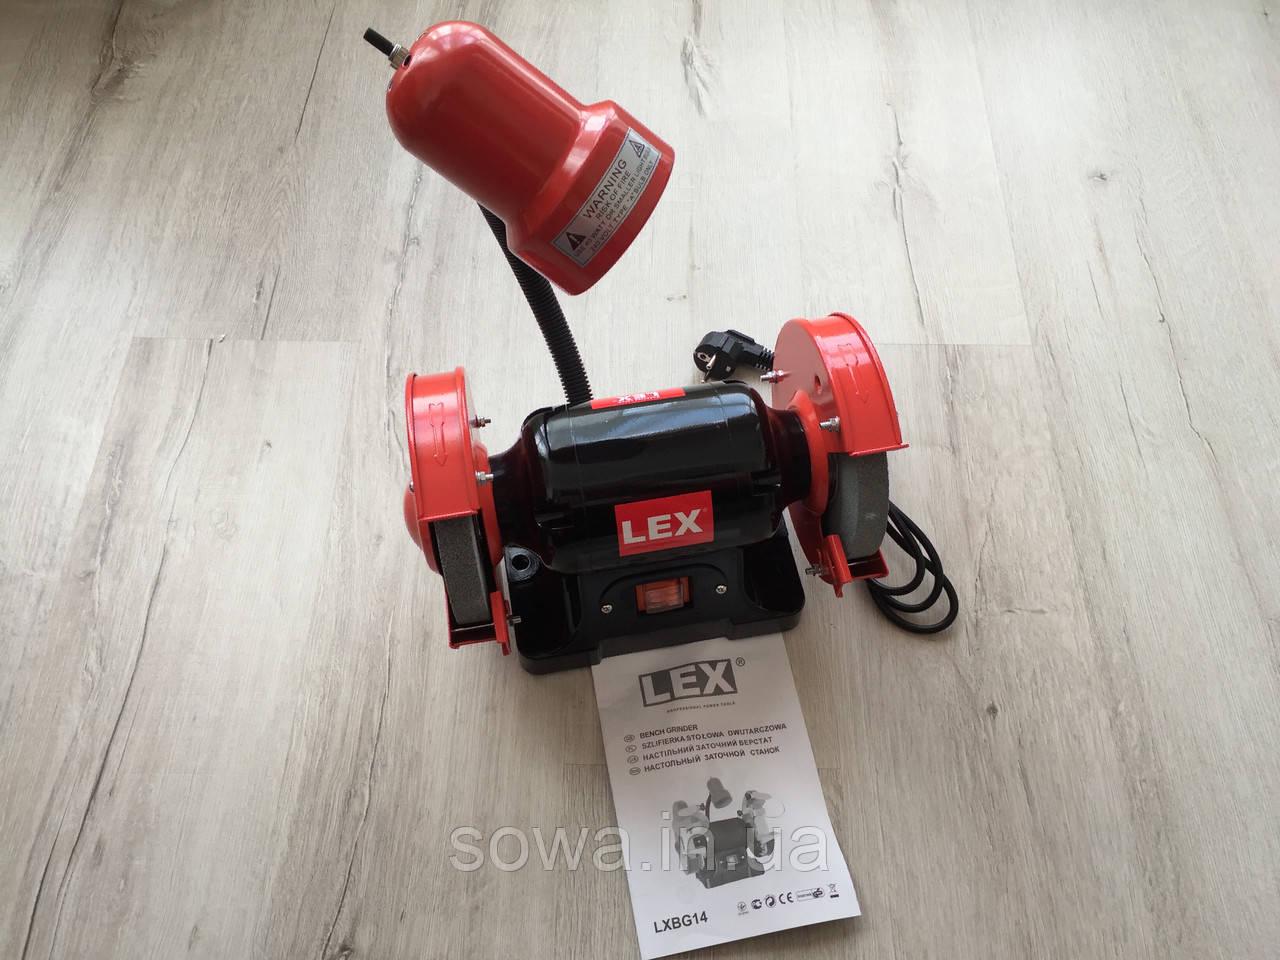 Точильный станок Lex LXBG14 | с подсветкой | 150мм, 1400Вт - фото 1